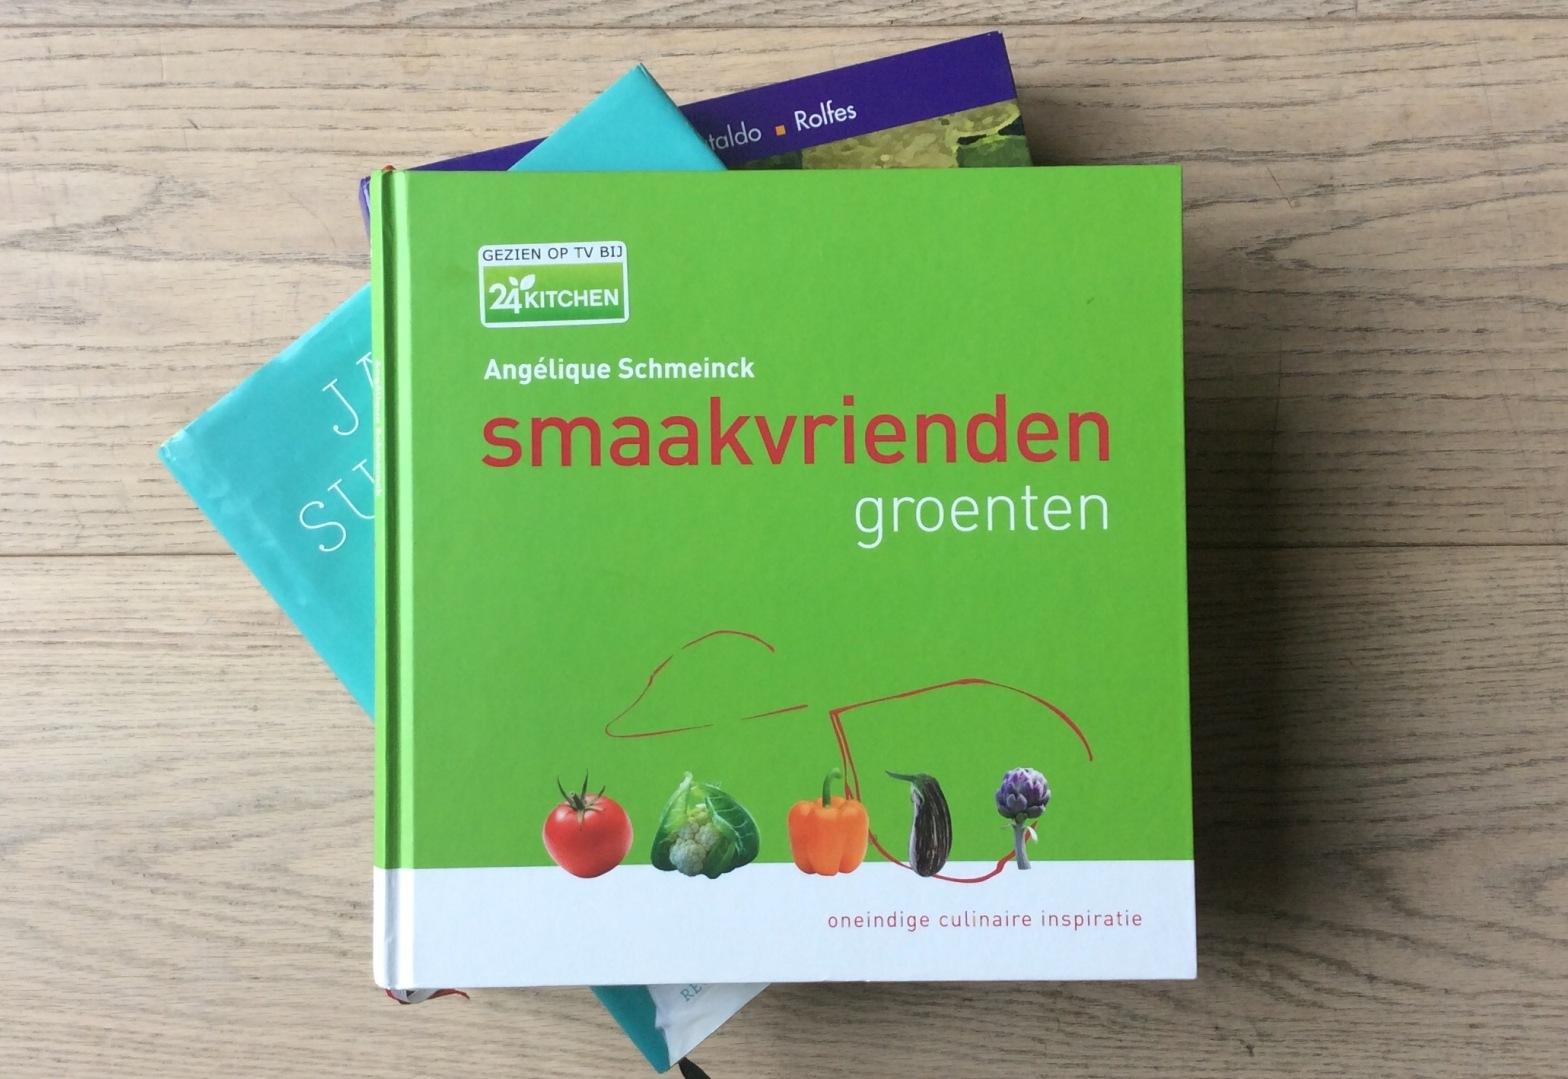 Smaakvrienden groenten, Angélique Schmeinck, 2010